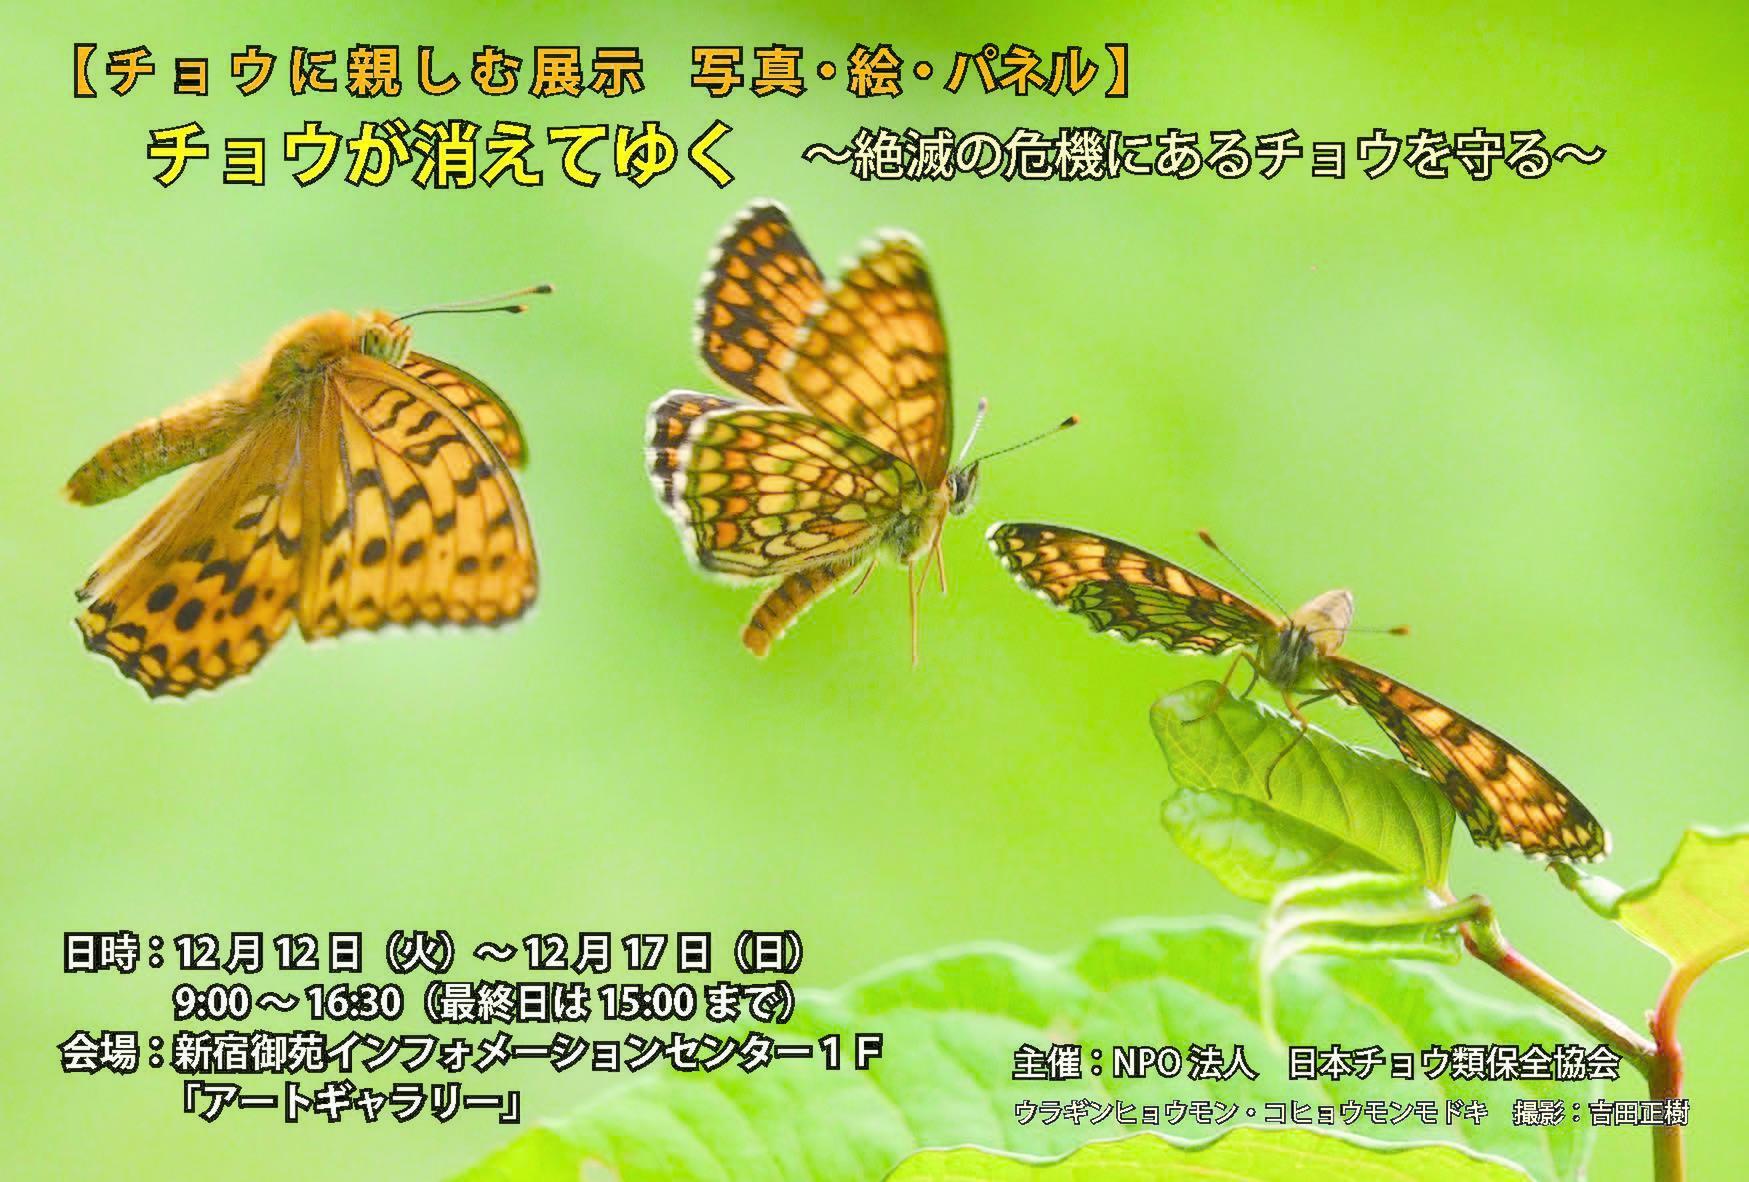 祝図鑑掲載と保全協会の展示会案内_a0146869_05155262.jpg